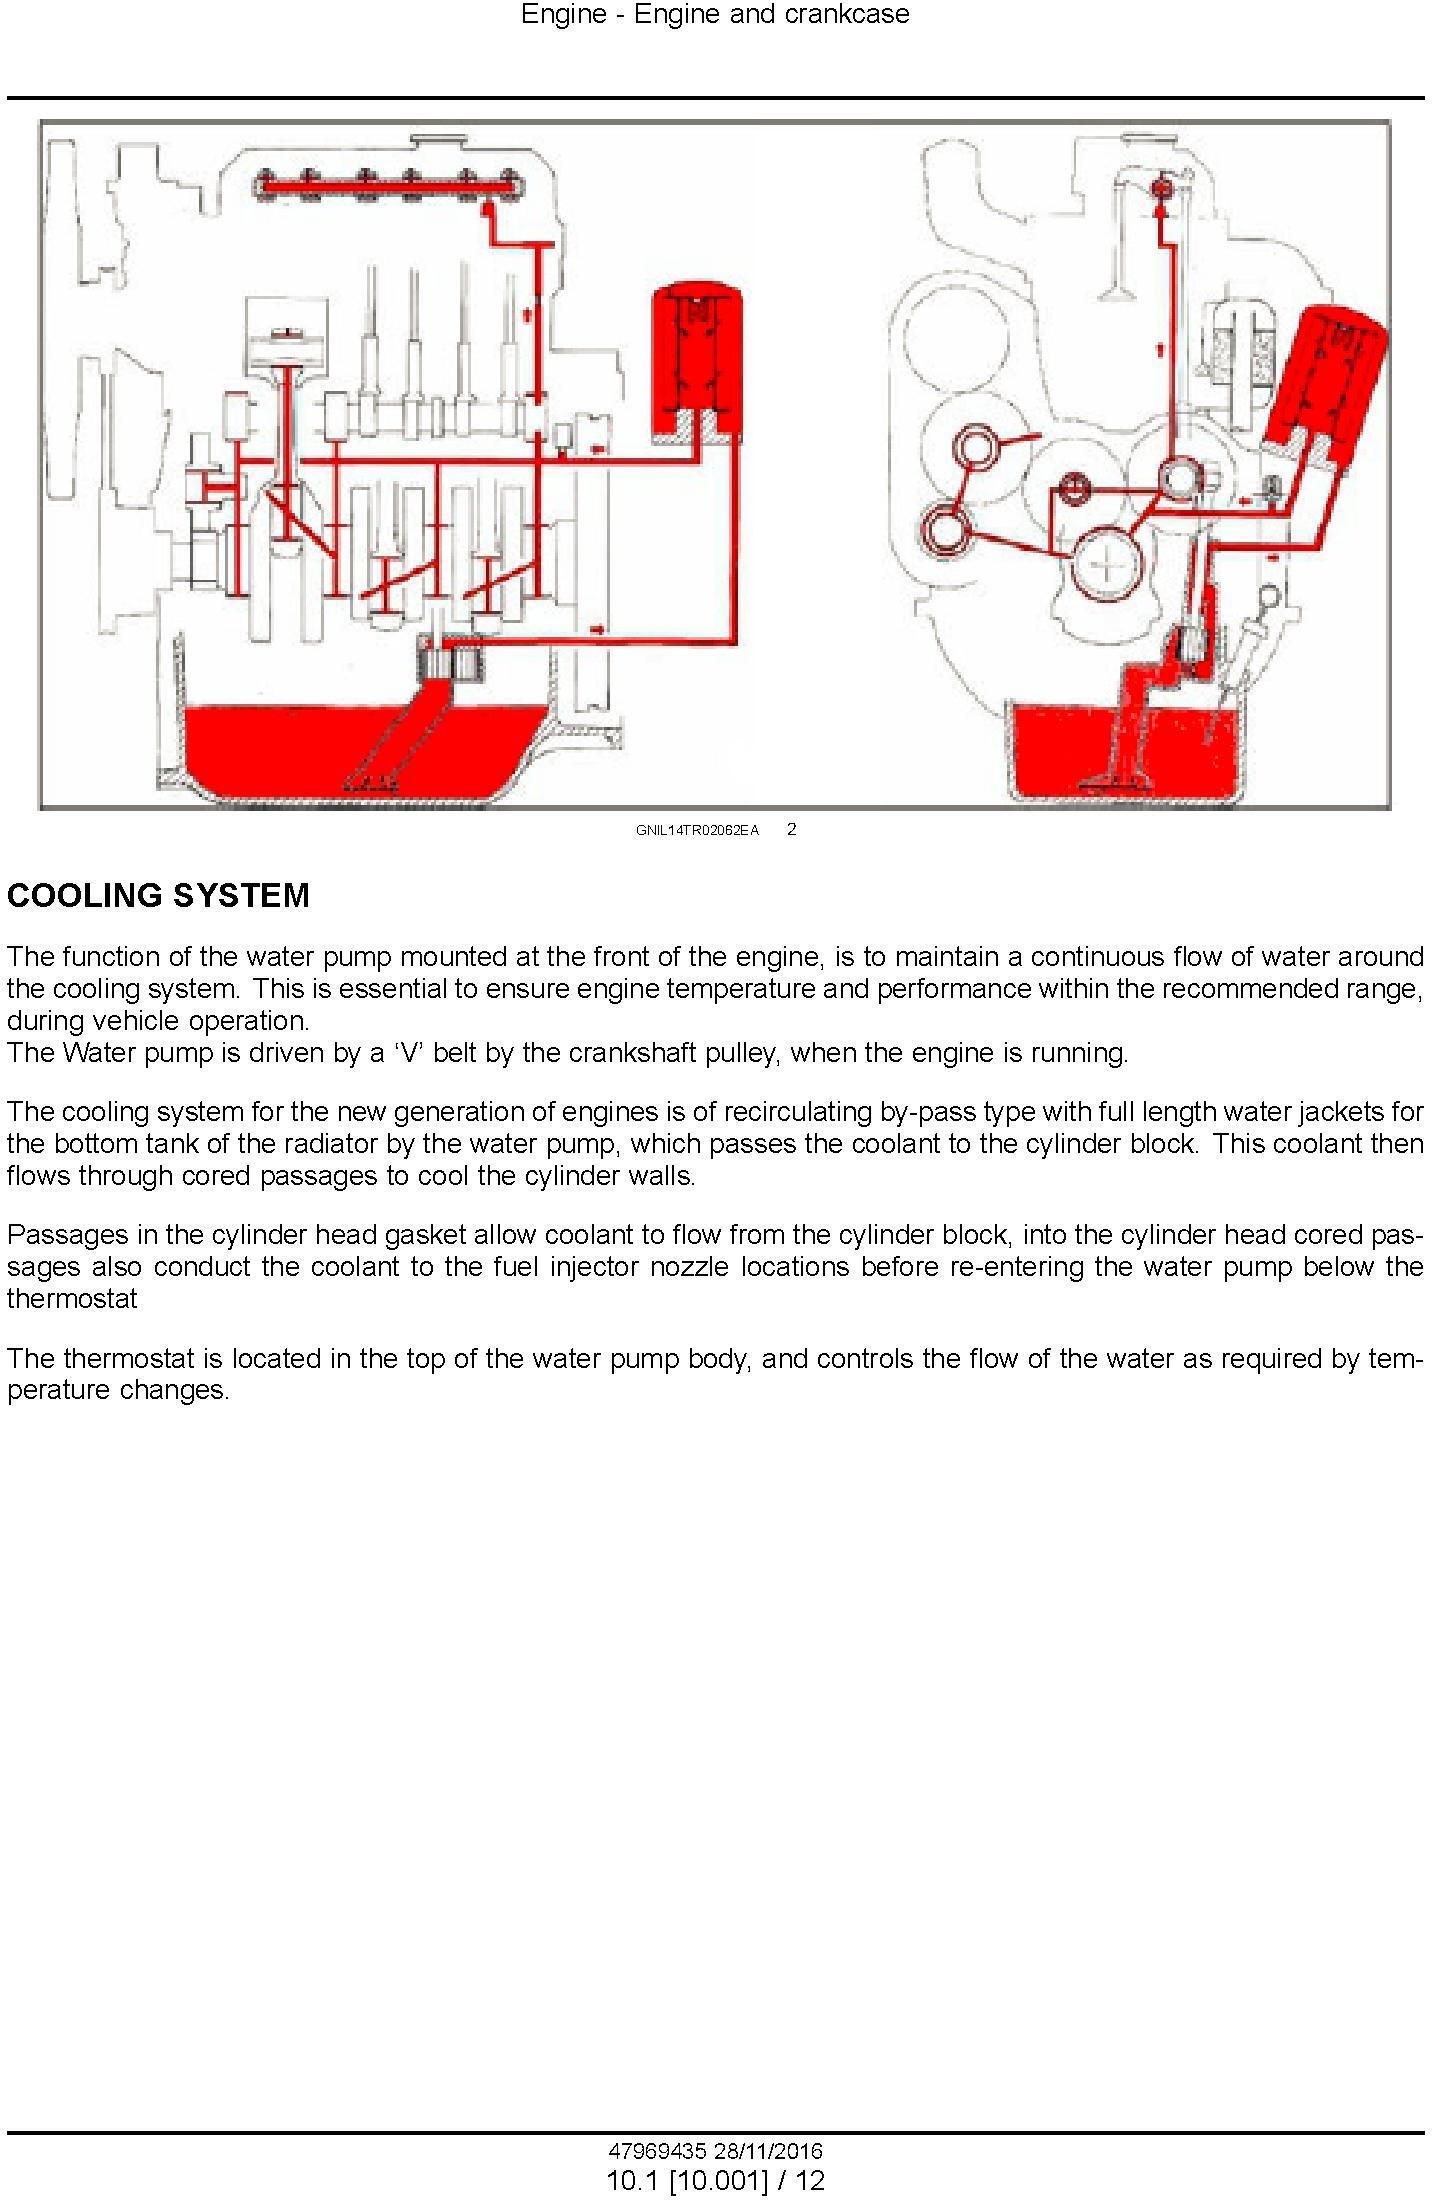 New Holland TT4.55, TT4.75 Tier 1 Tractor Service Manual - 1